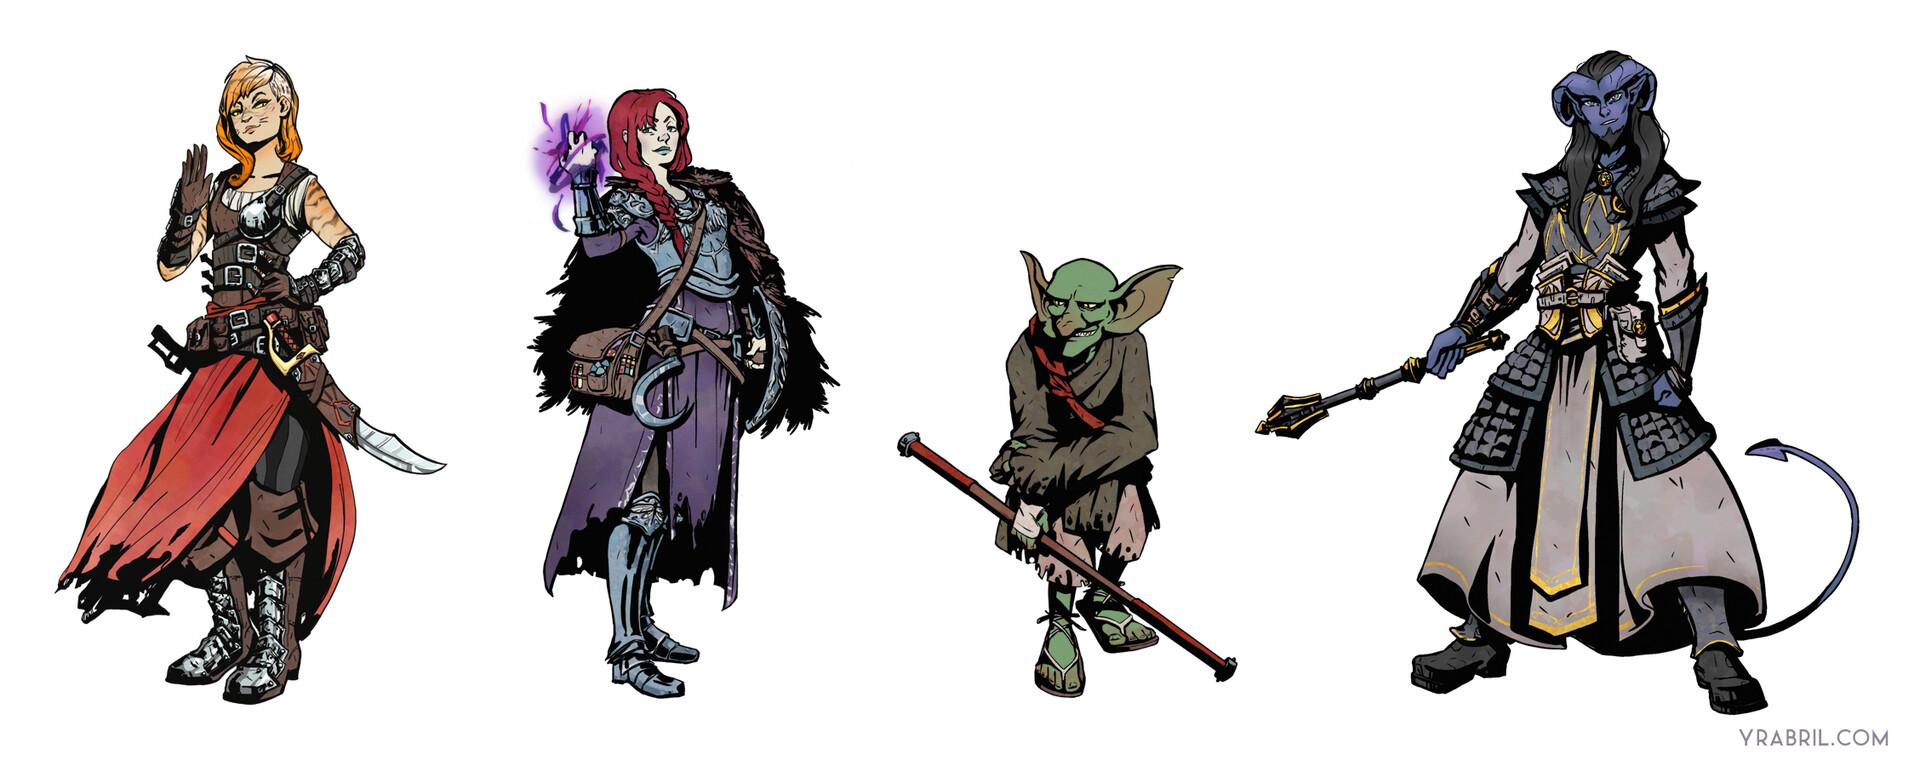 Yara abril characters1